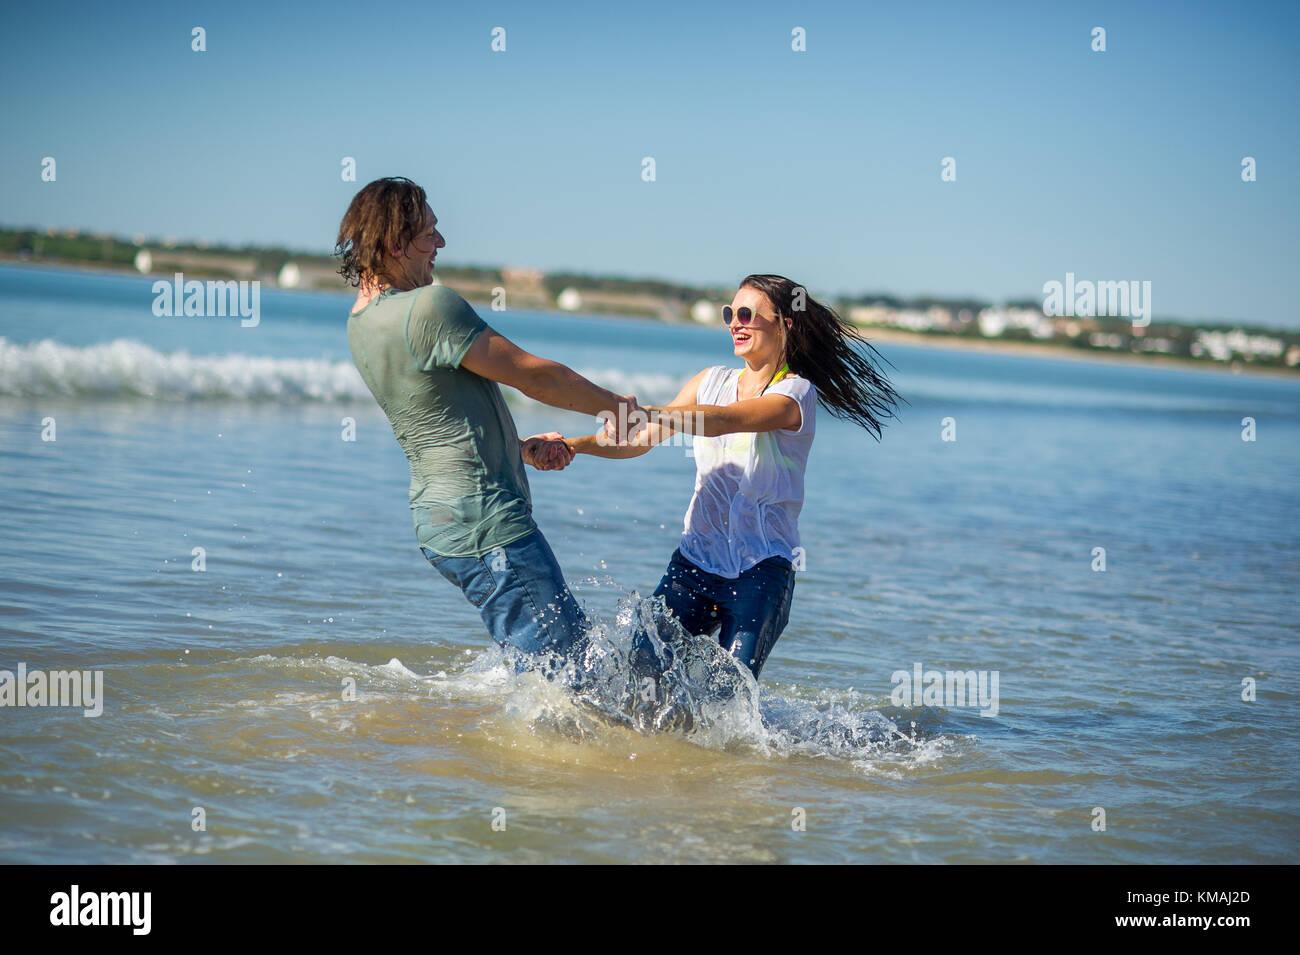 6e84d7f35 Feliz pareja joven baila en el mar. La ropa mojada y cabello. El mar